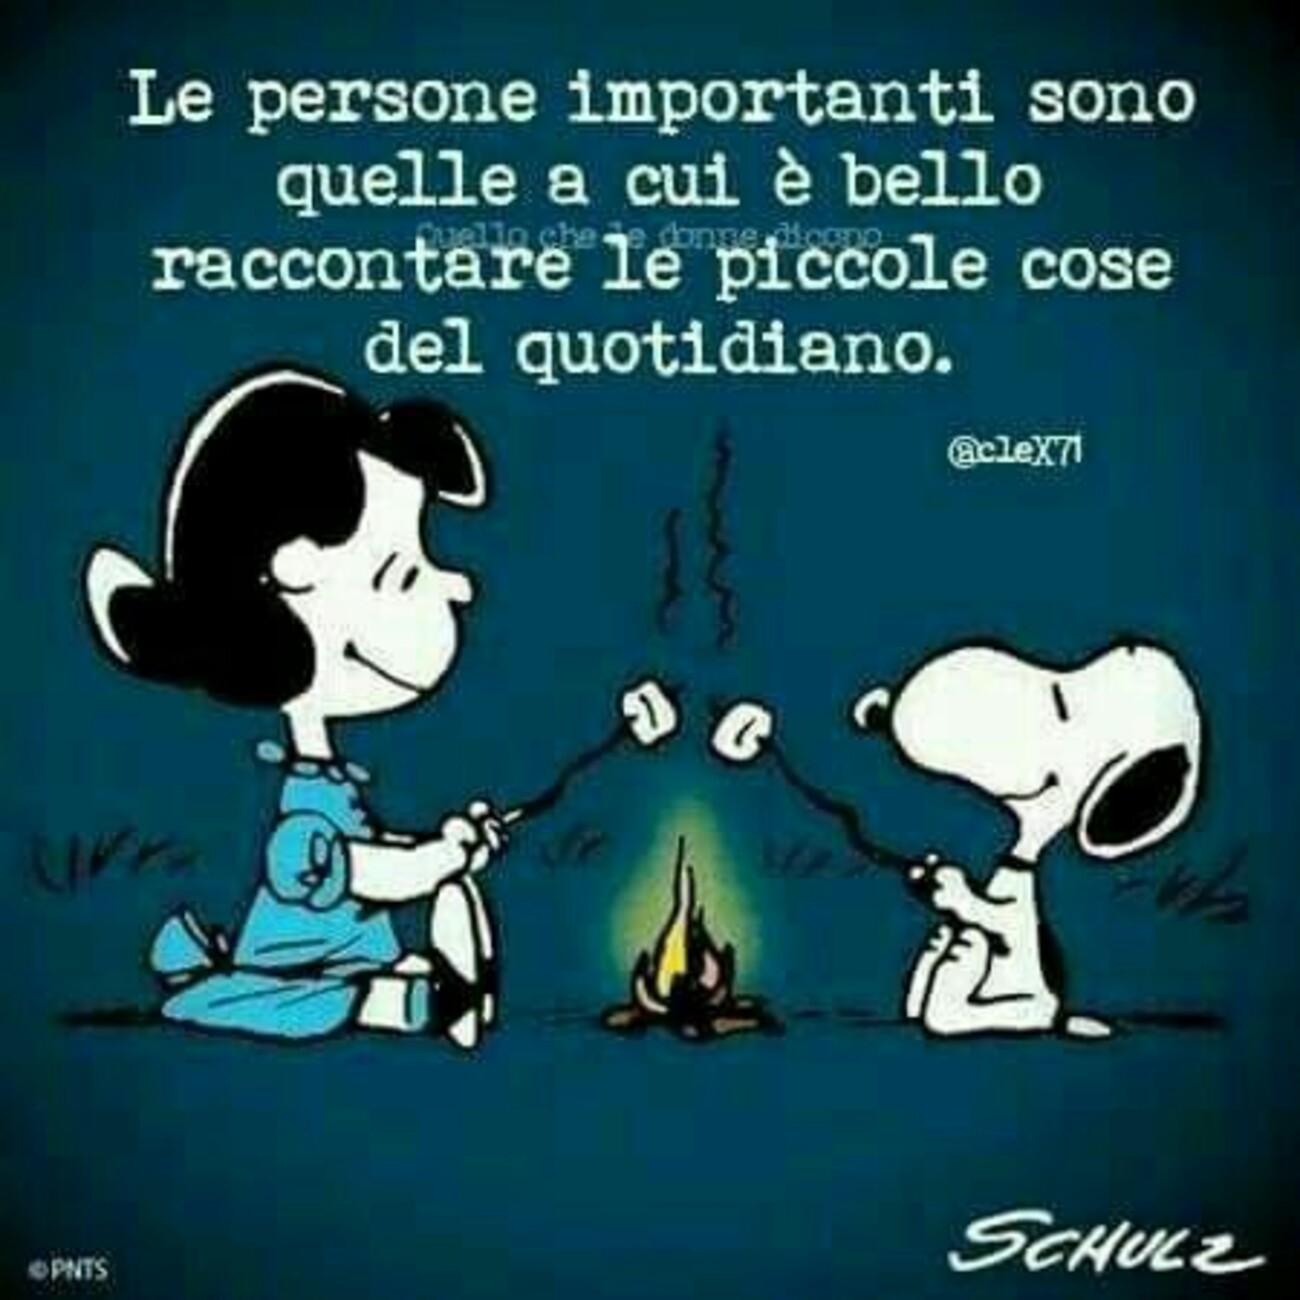 Le persone importanti sono quelle a cui è bello raccontare le piccole cose del quotidiano.